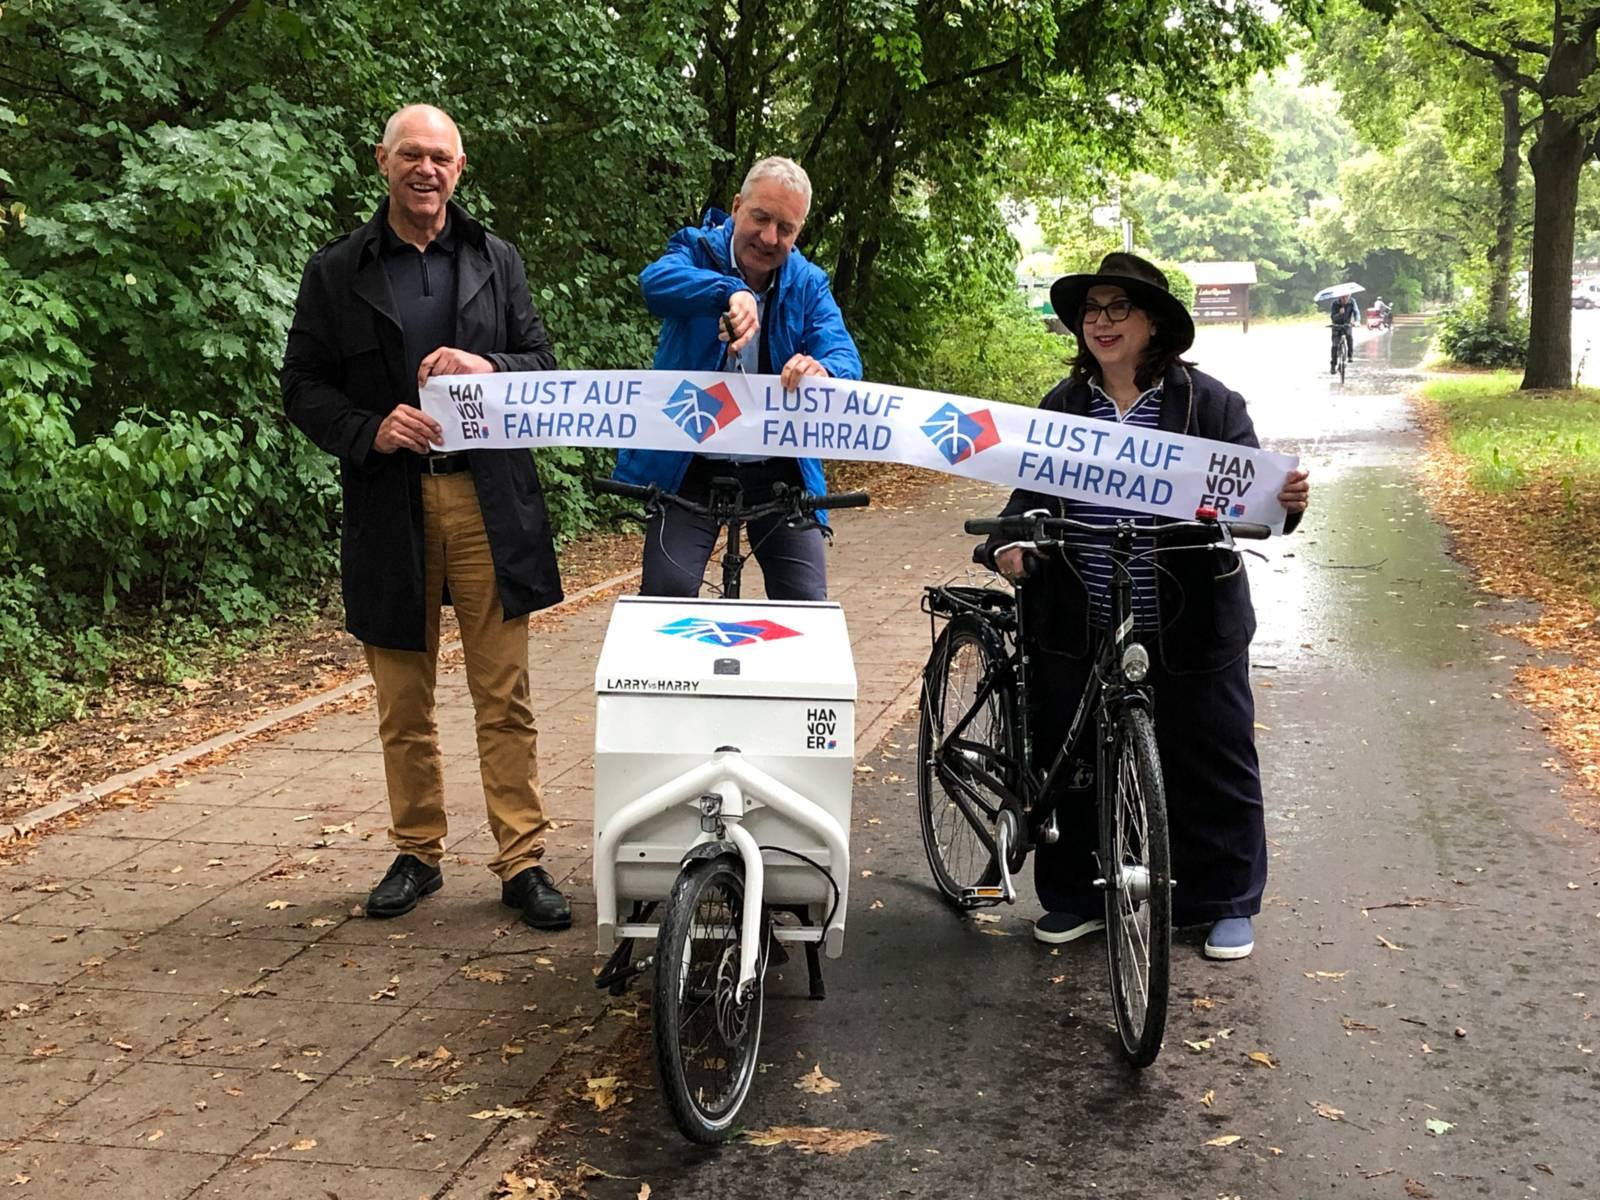 """Drei Personen stehen mit Fahrrädern auf einem Geh- und Radweg, ein Mann in der Mitte schneidet ein Band mit der Aufschrift """"Lust auf Fahrrad"""" durch."""